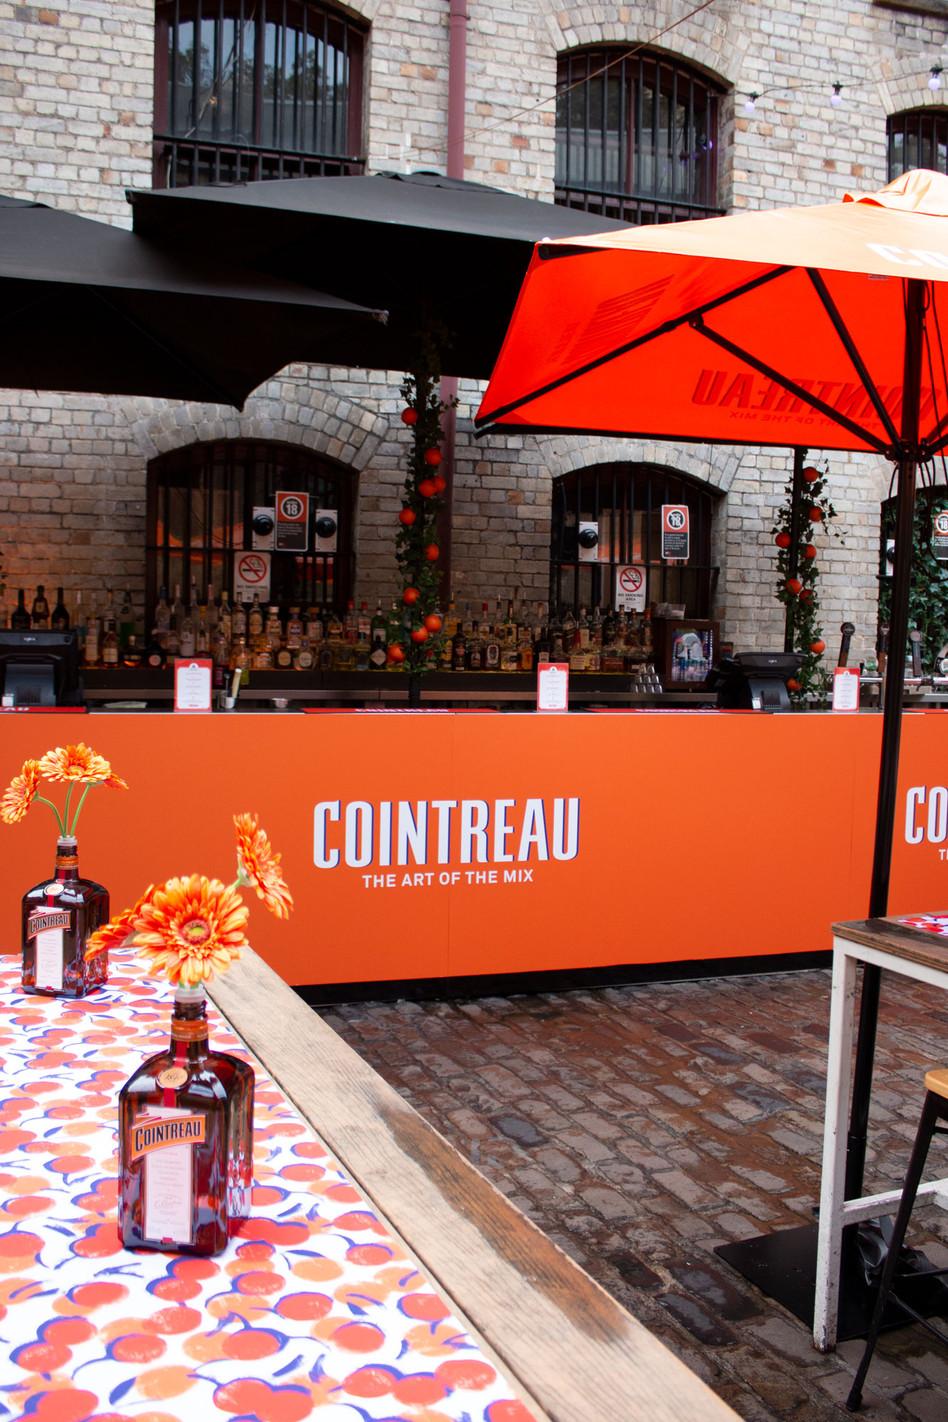 cointreau-bar-7.jpg